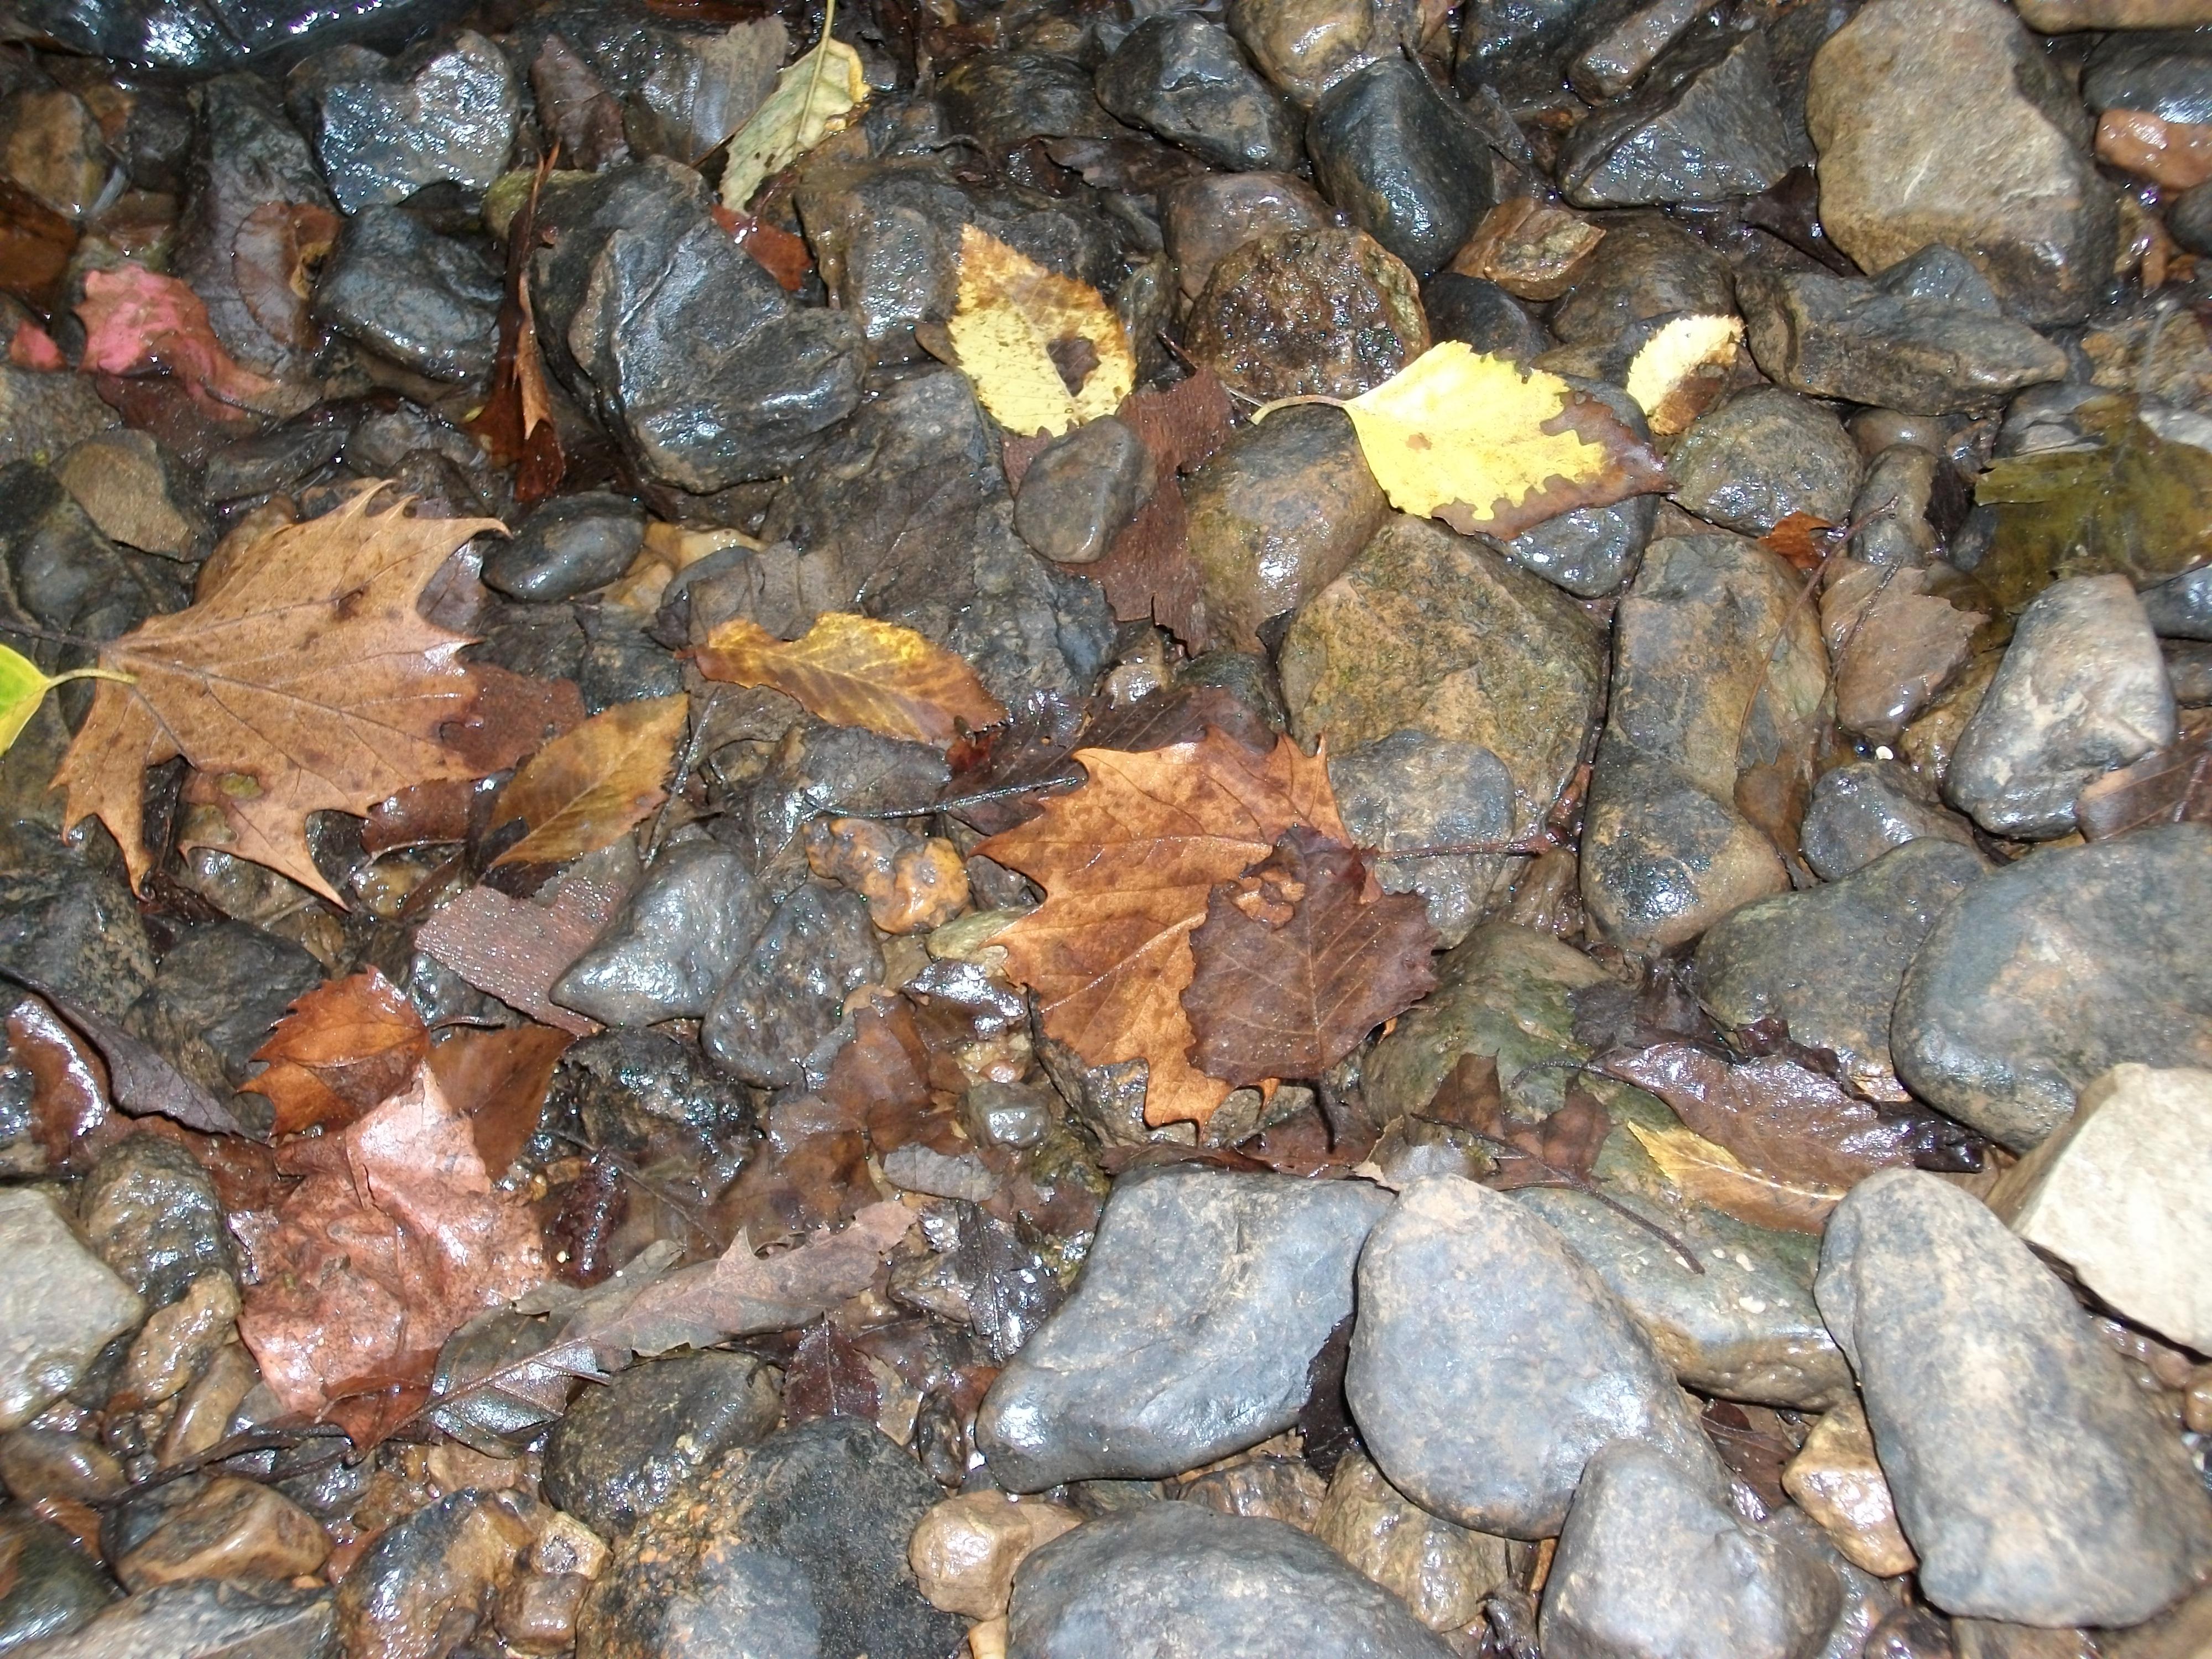 Eno River Stones.